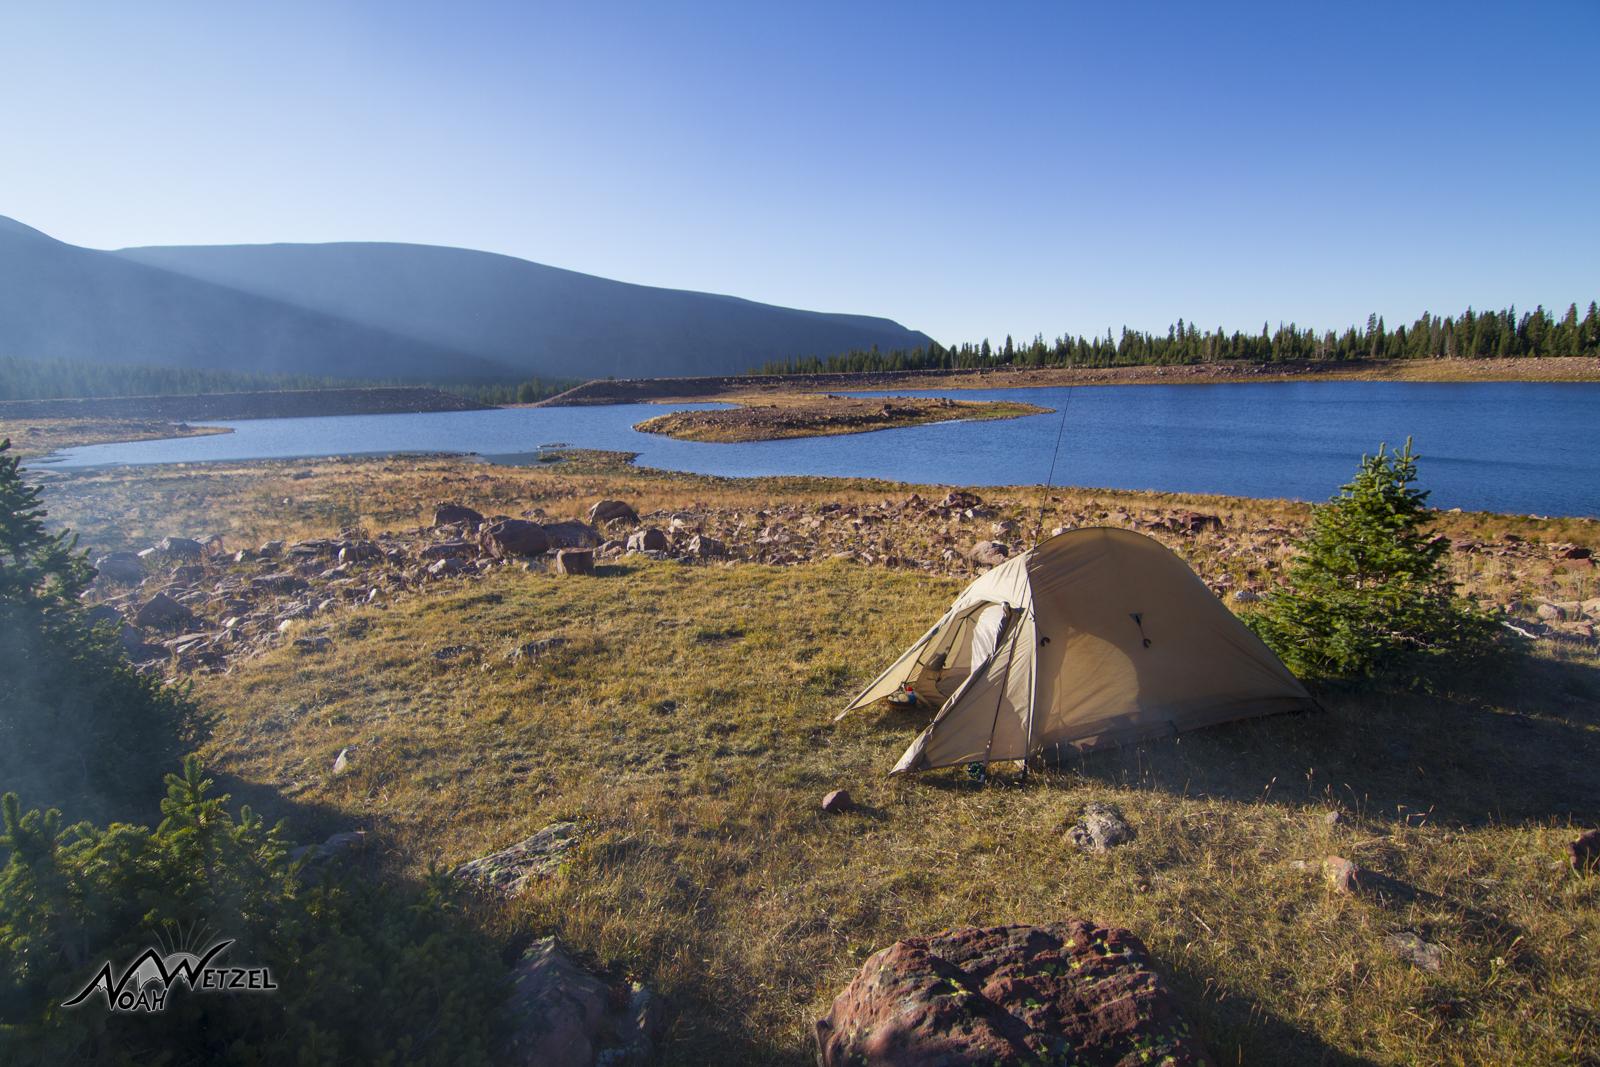 Morning vibes at East Timothy Lake. High Uintas Wilderness. Utah